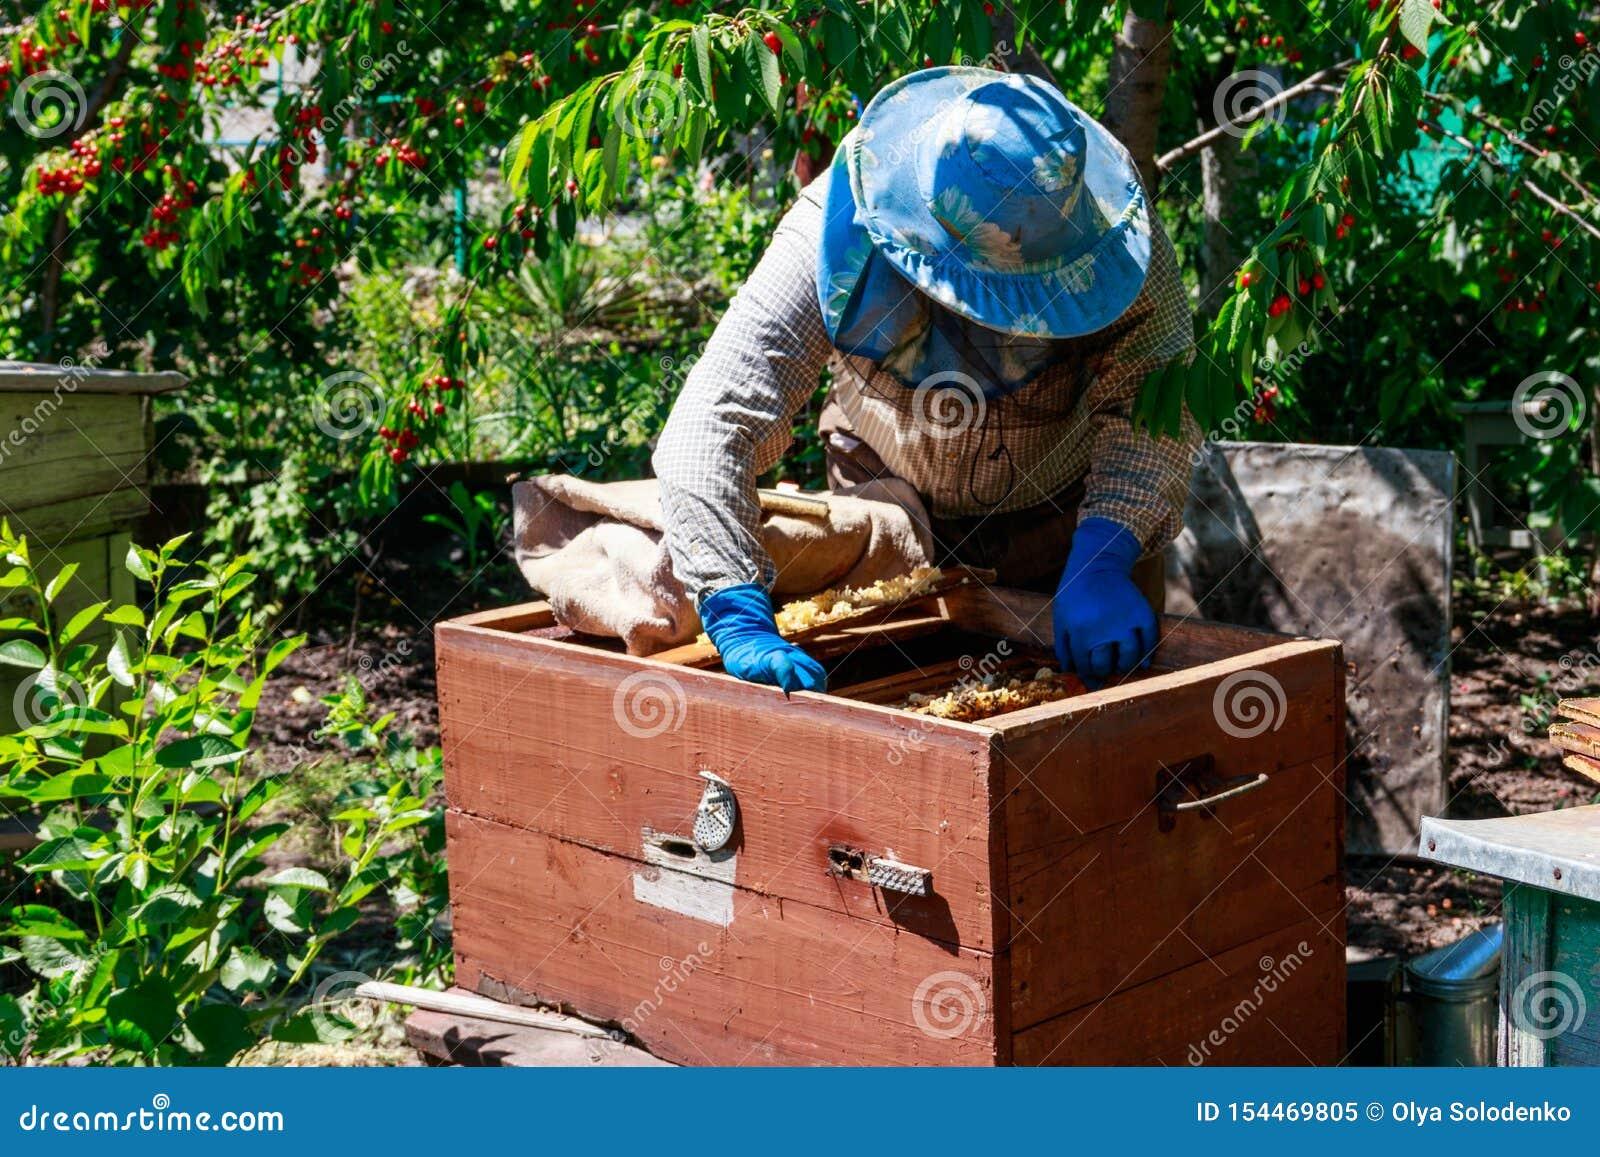 Apiculteur v?rifiant une ruche pour assurer la sant? de la colonie d abeille ou rassemblant le miel